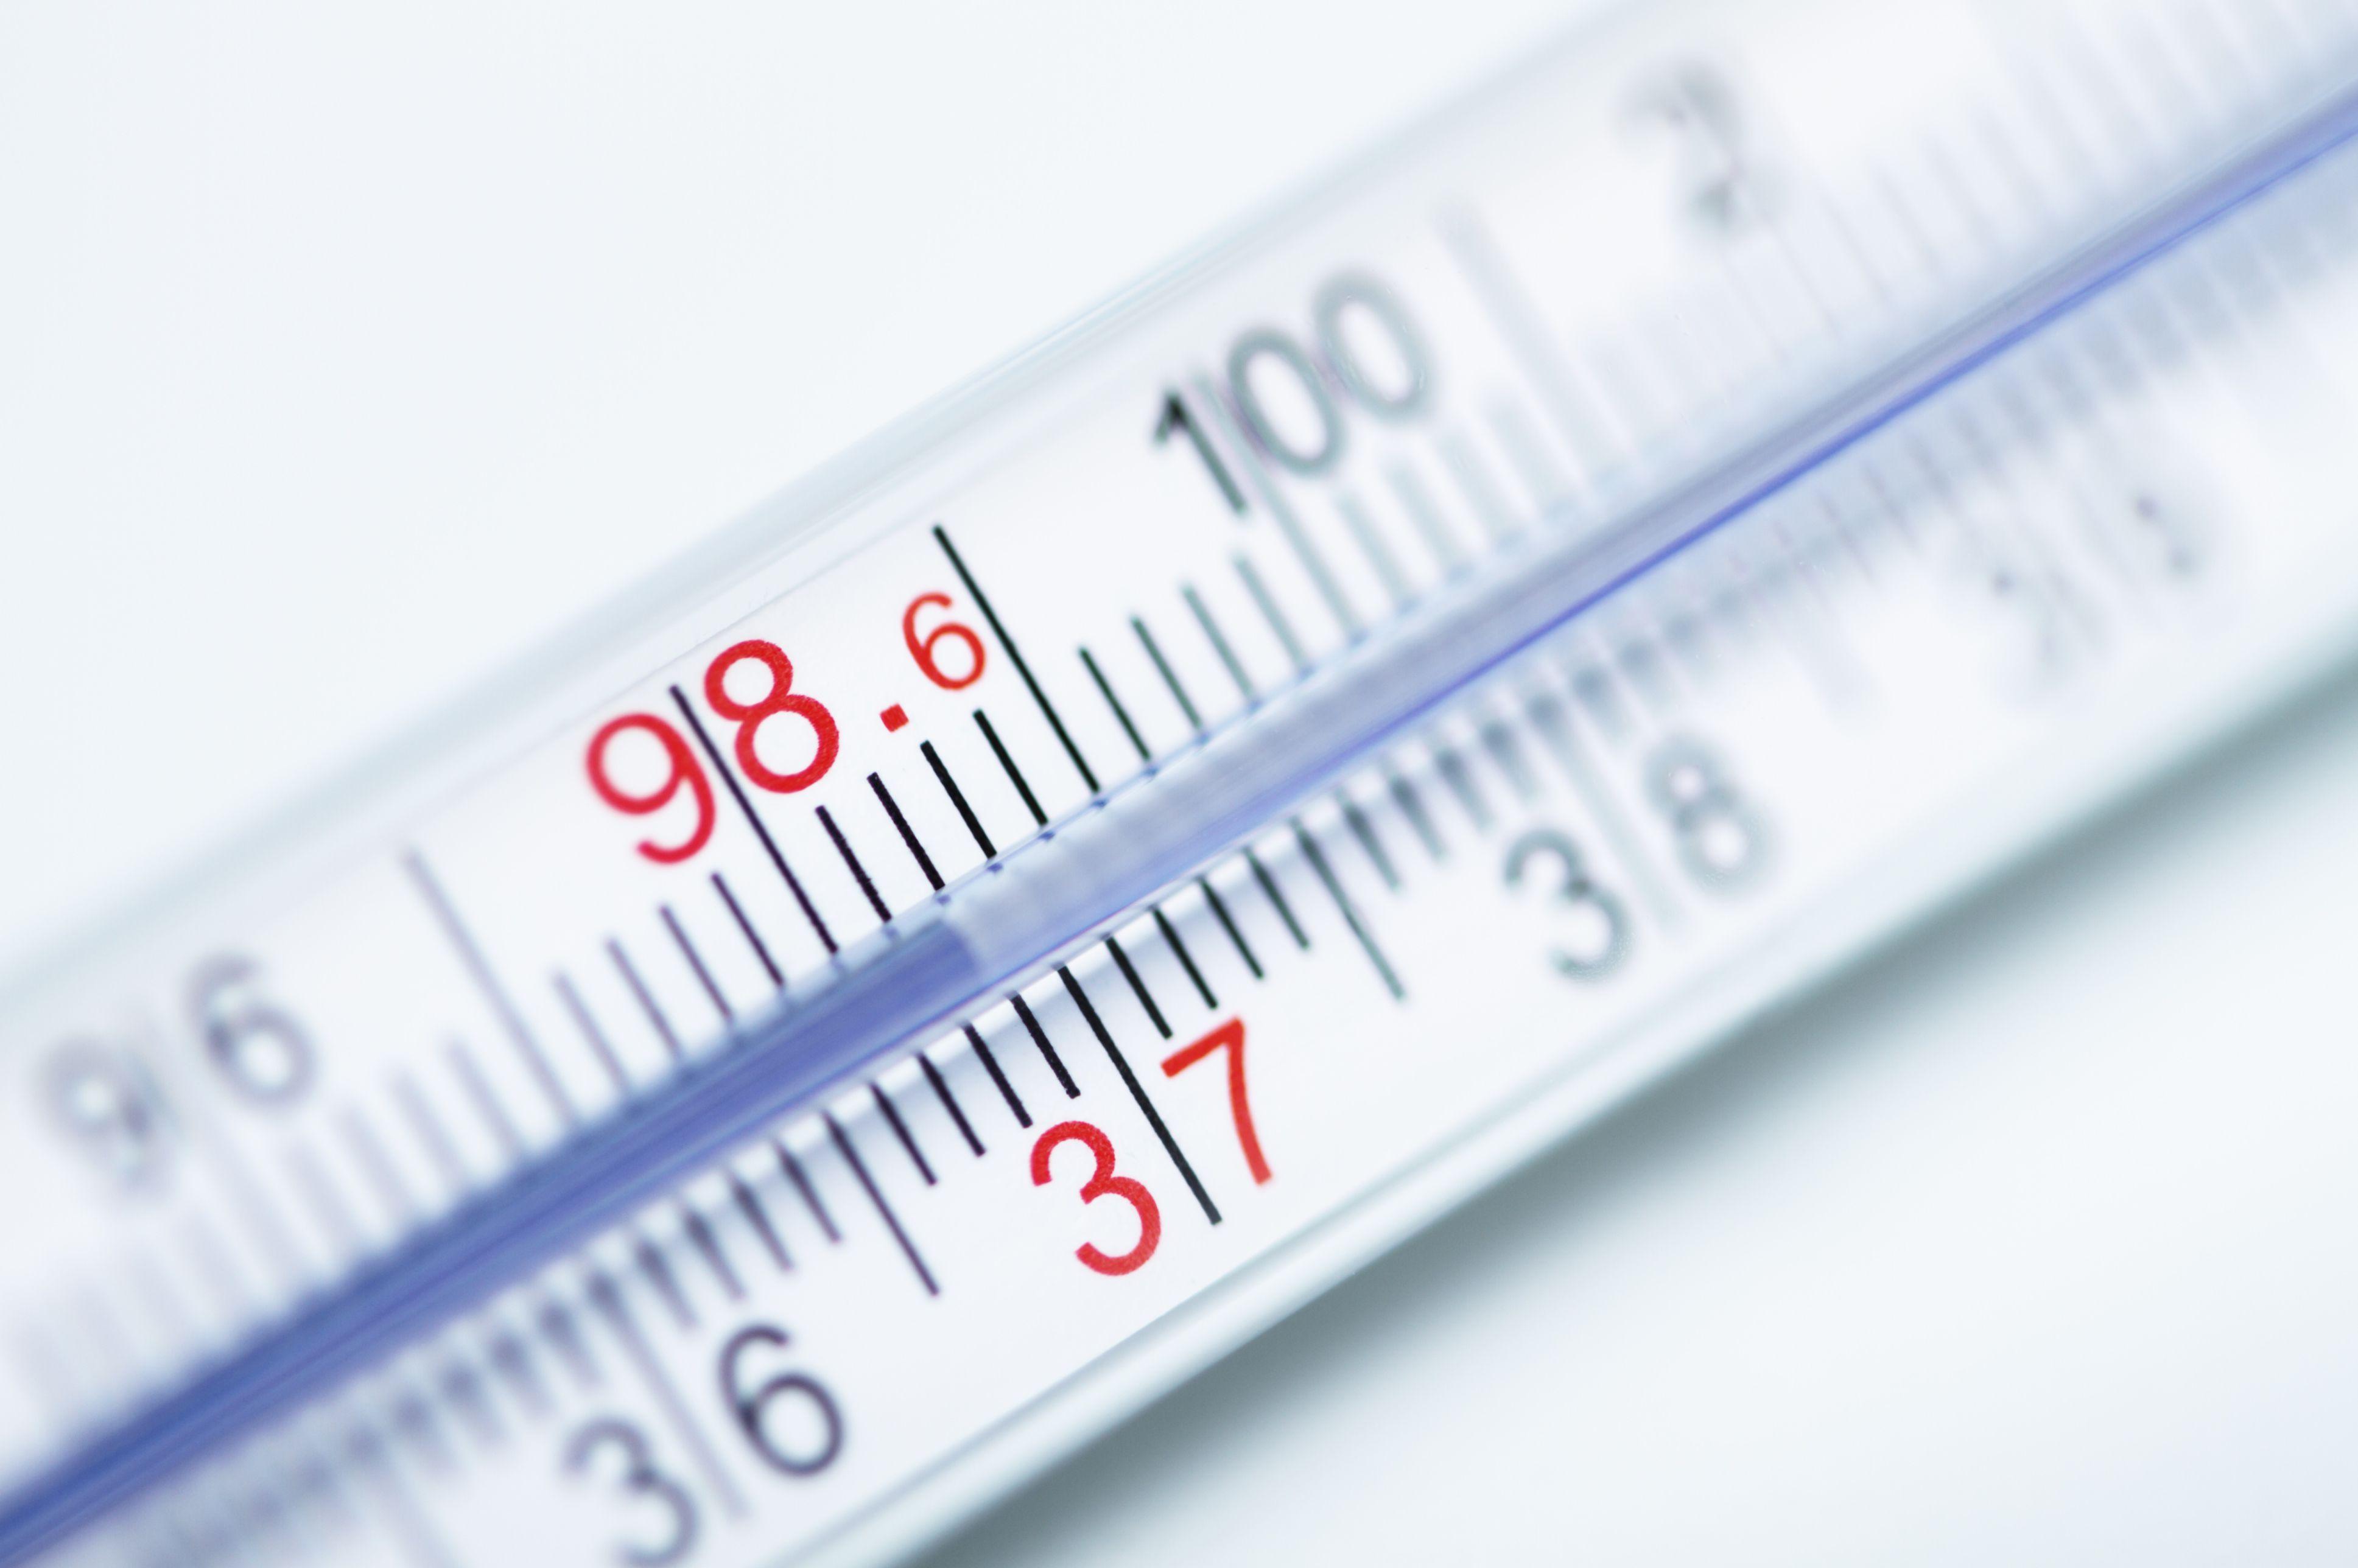 Body Temperature Fahrenheit To Celsius Conversion